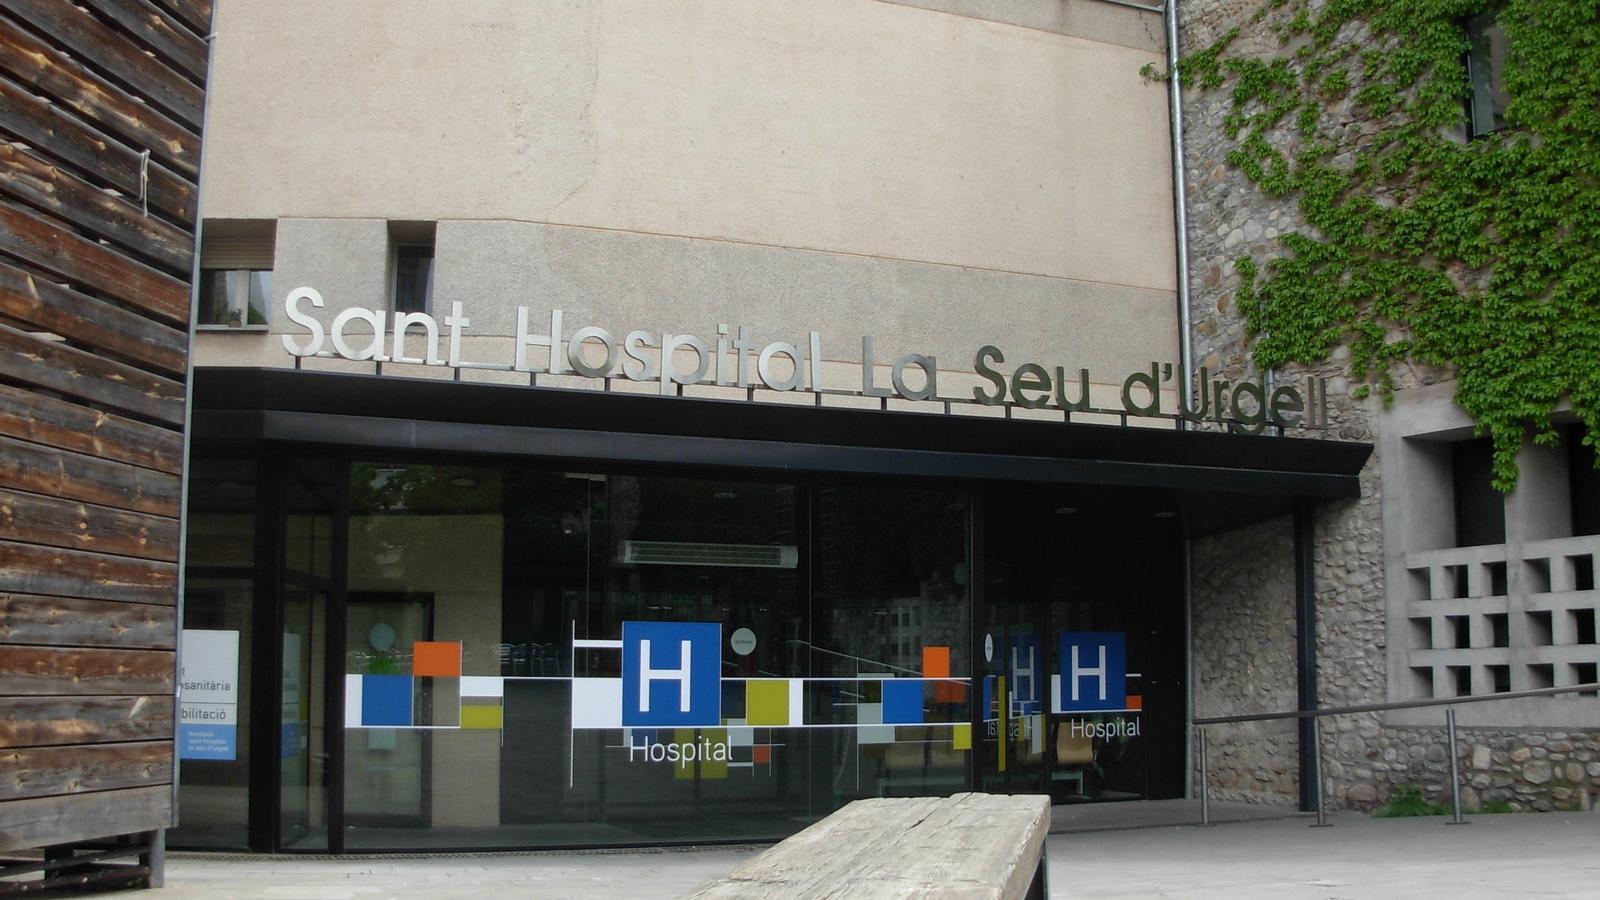 Entrada de l'hospital de la Seu d'Urgell. / ARXIU